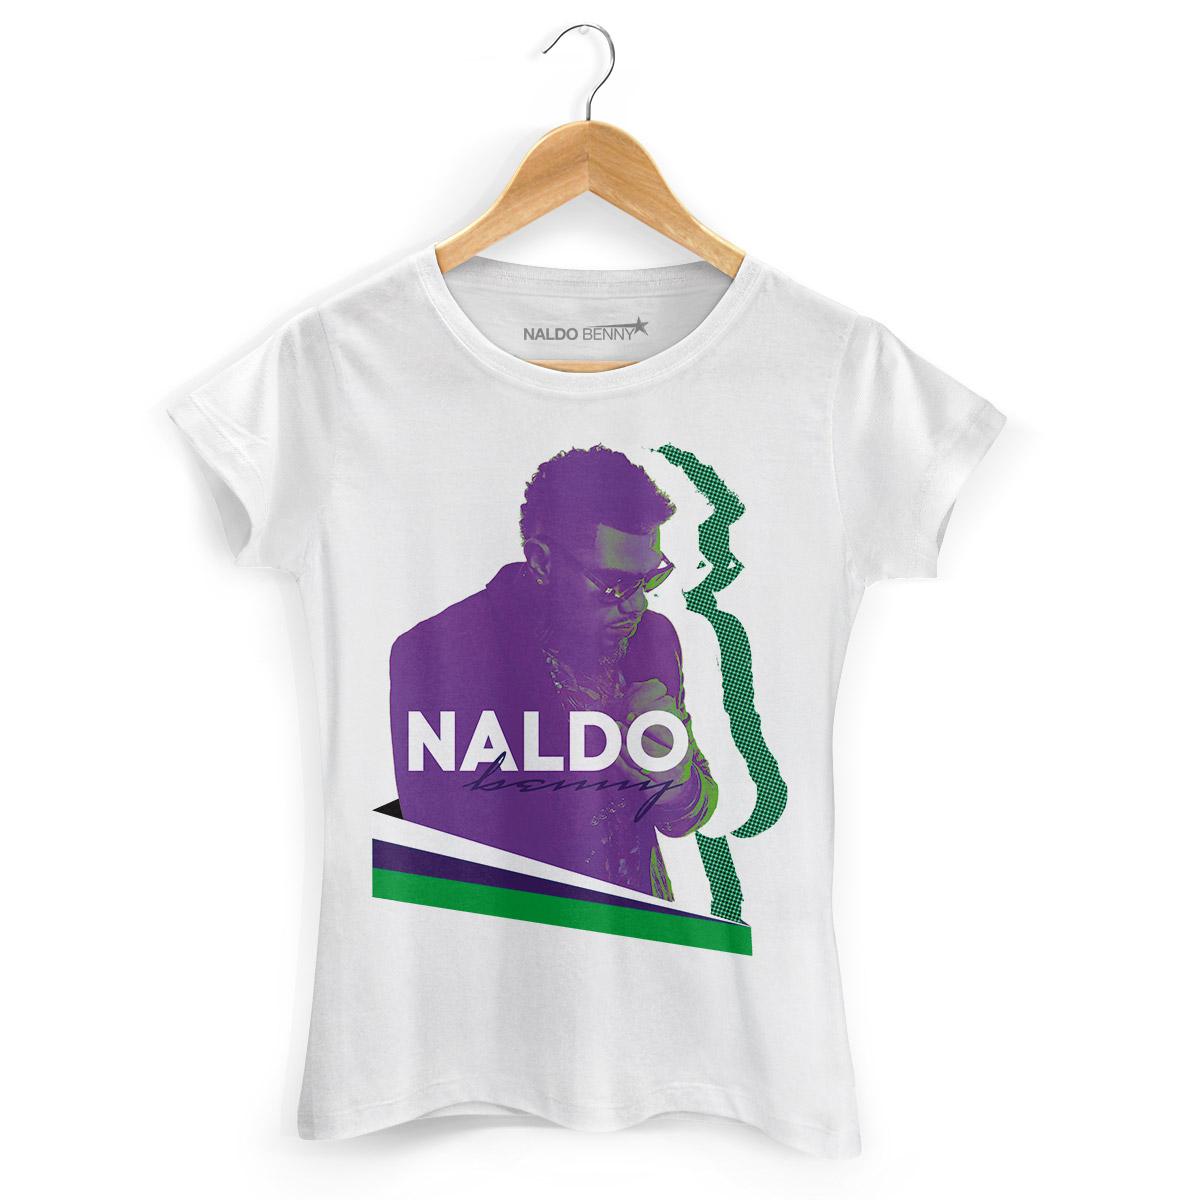 Camiseta Feminina Naldo Benny Colors